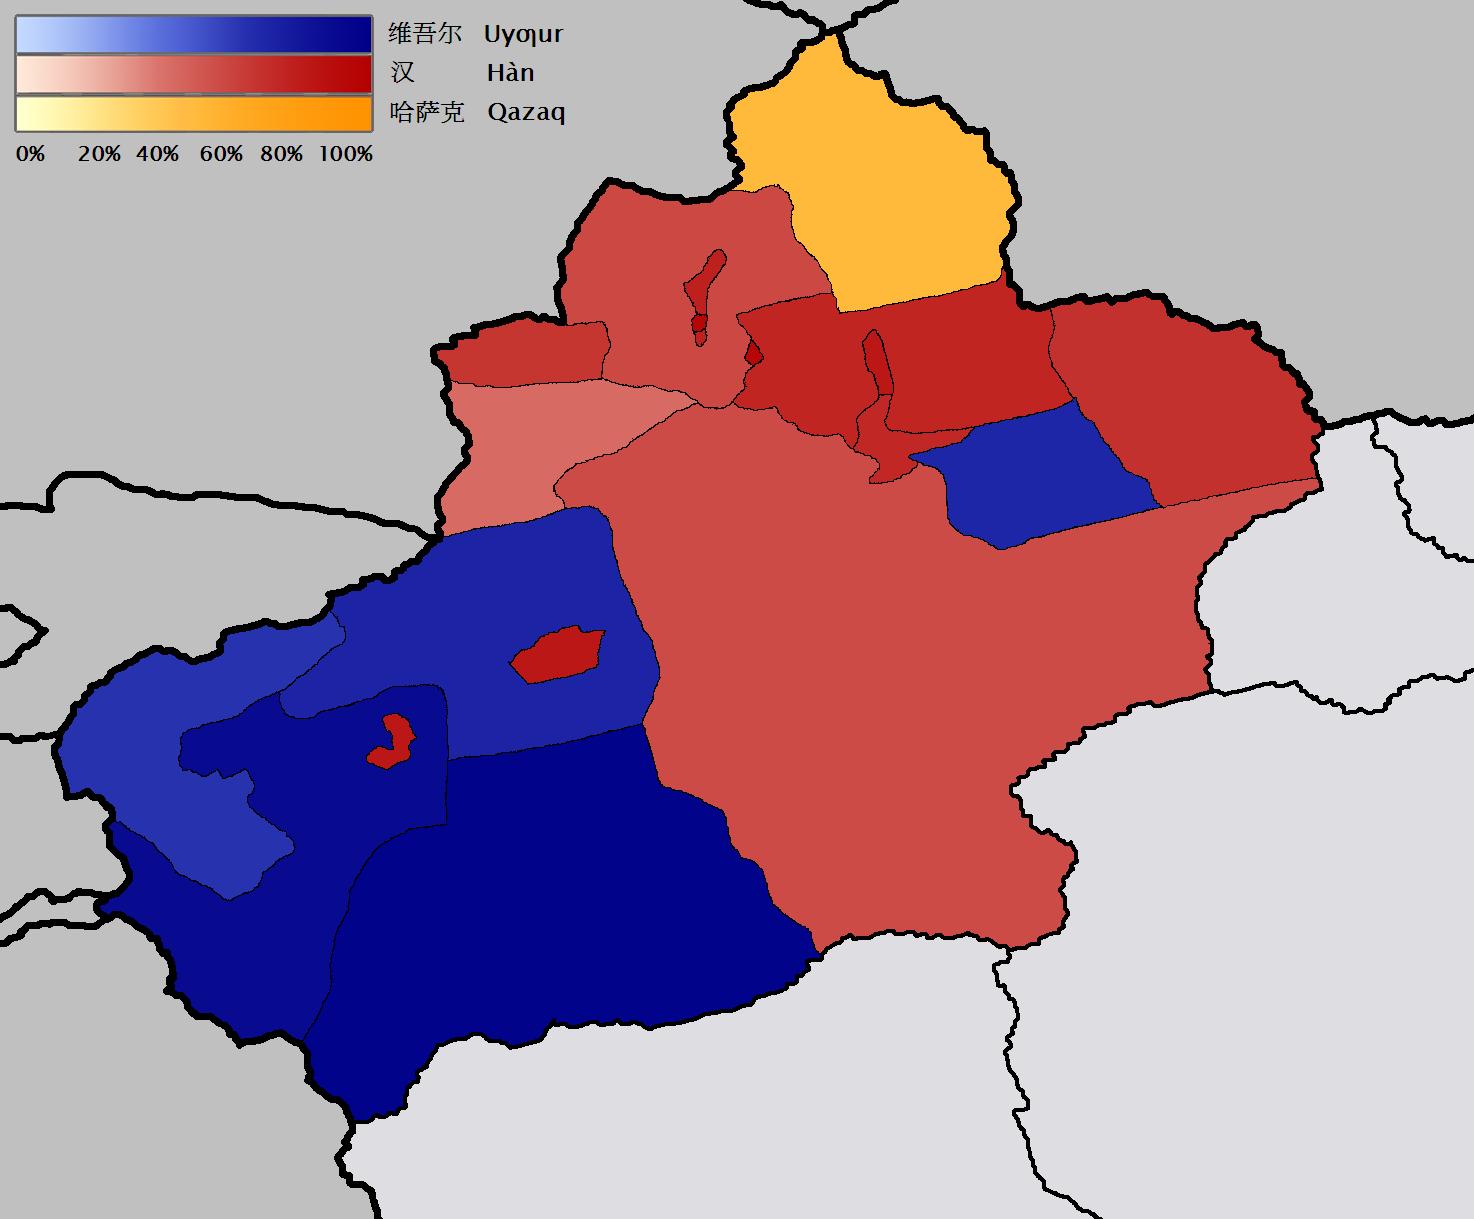 Blått för andel uigurer och rött för andel hankineser